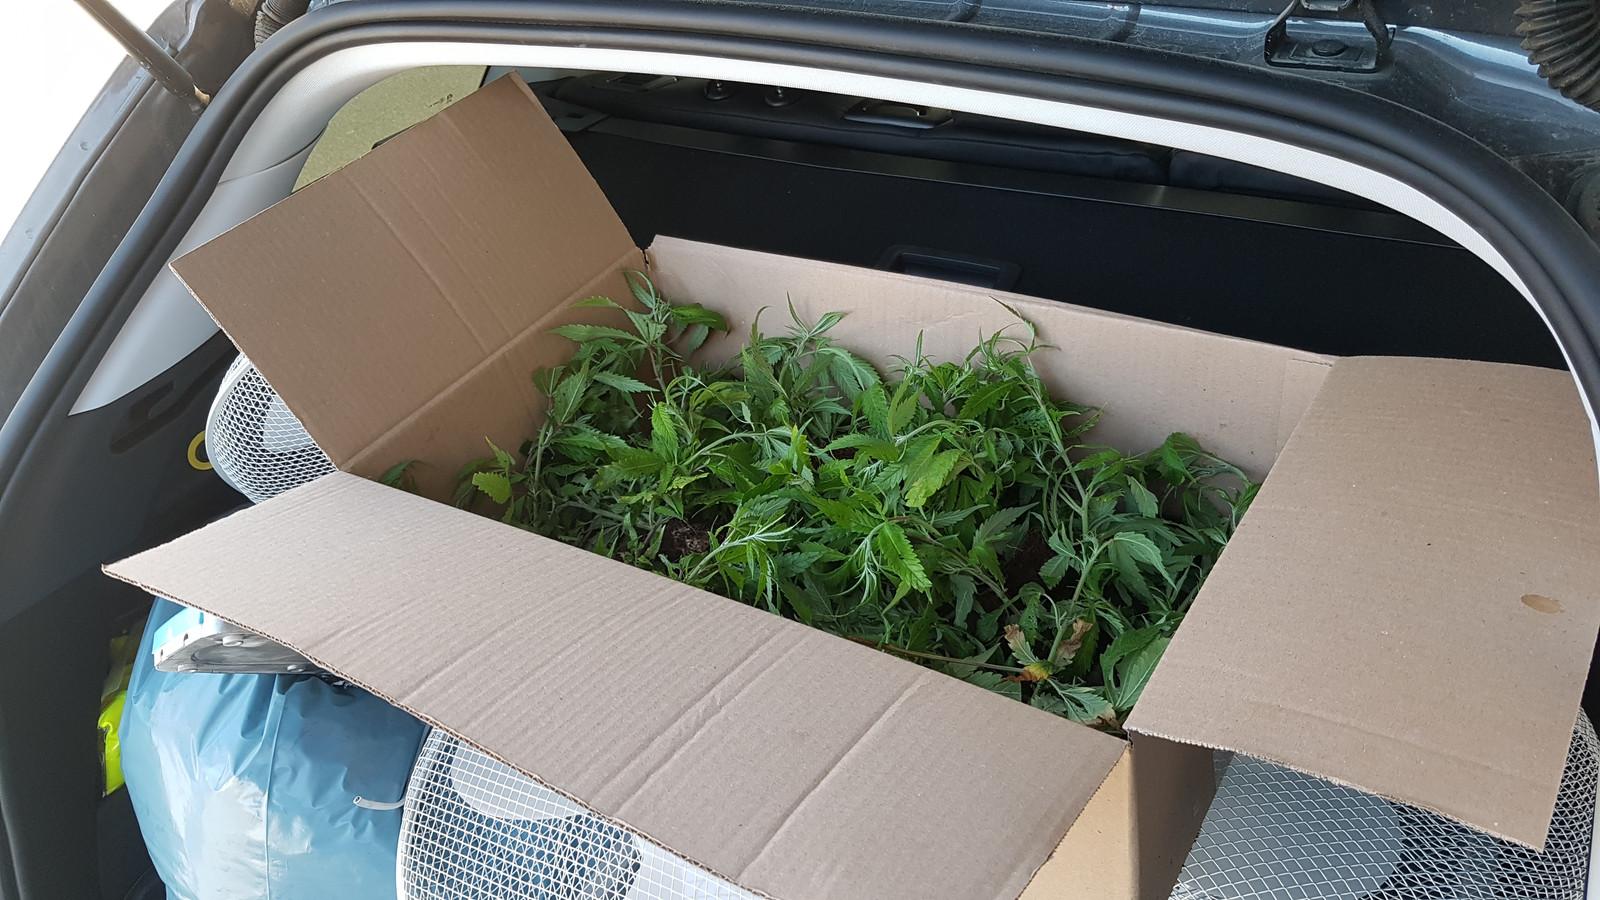 De recherche bracht woensdag heel wat jonge cannabisplantjes en tal van kwekersmateriaal naar buiten uit een oude loods in Veurne. Wat u ziet op de foto, is slechts een fractie.